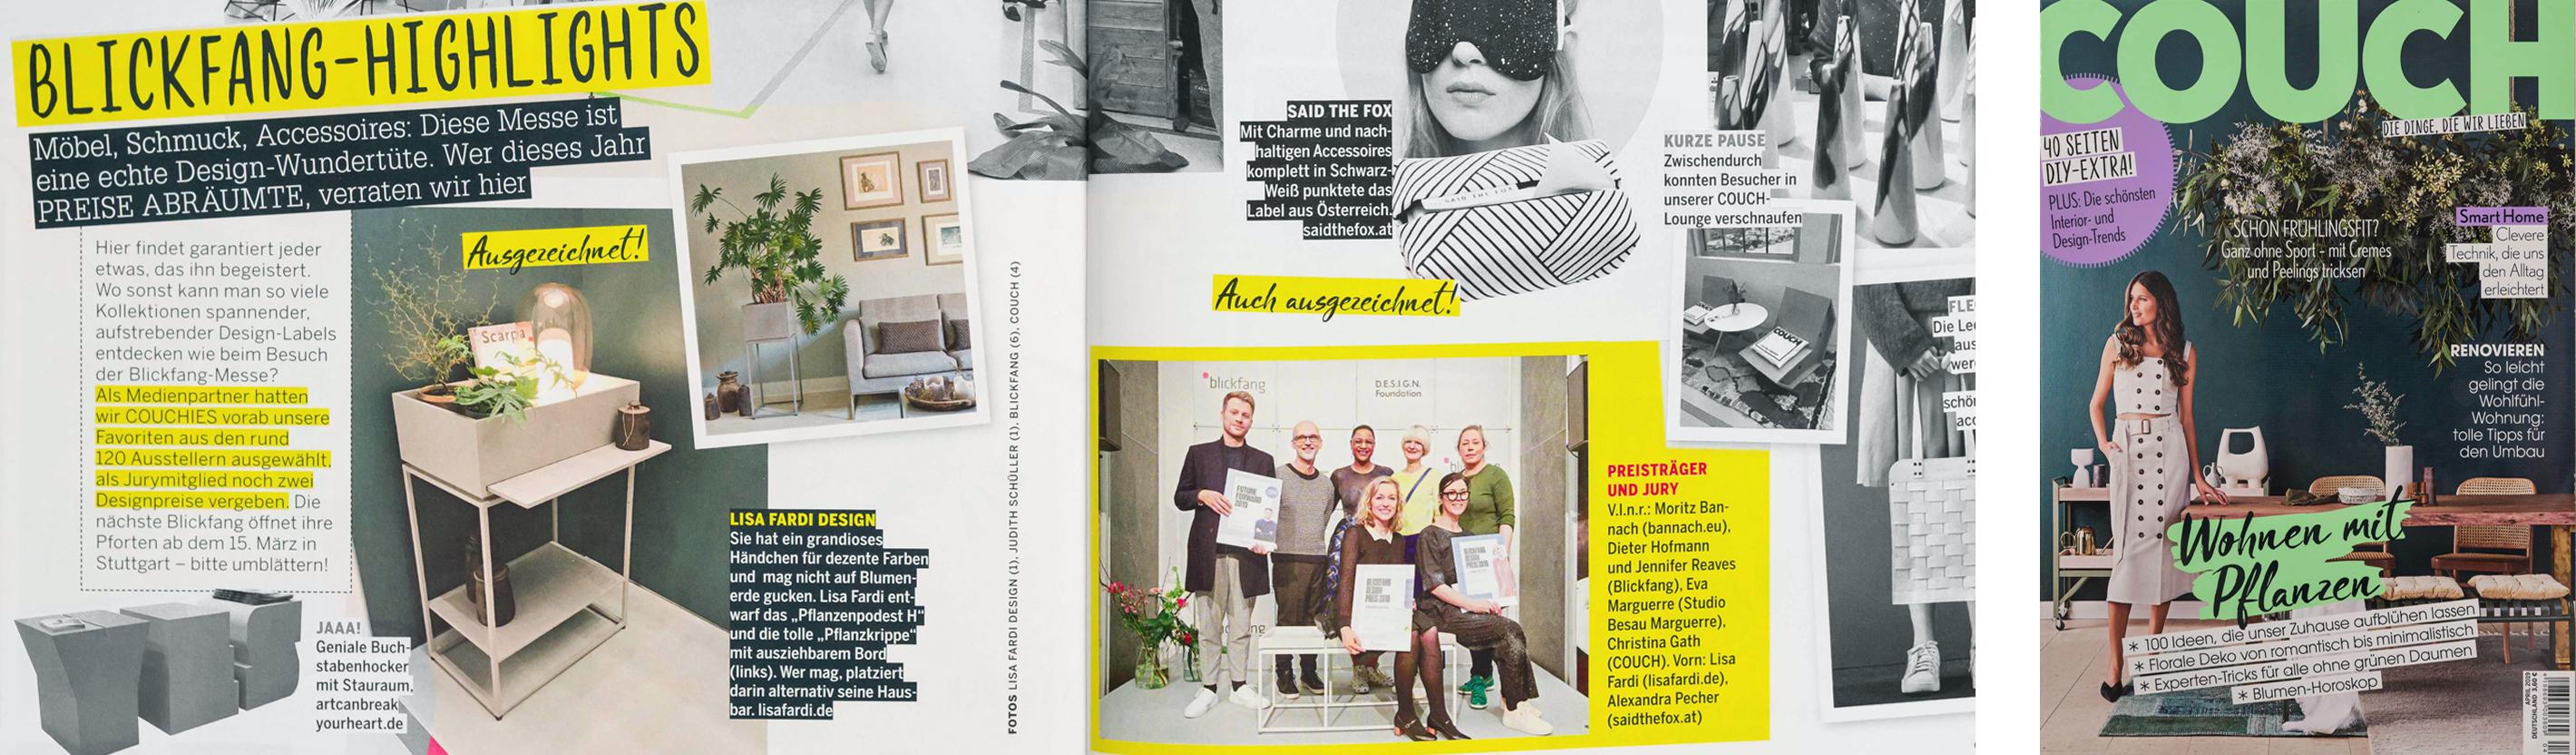 Artikel im Couch Magazin aus Hamburg über Möbeldesign und Pflanzengefäße von Lisa Fardi